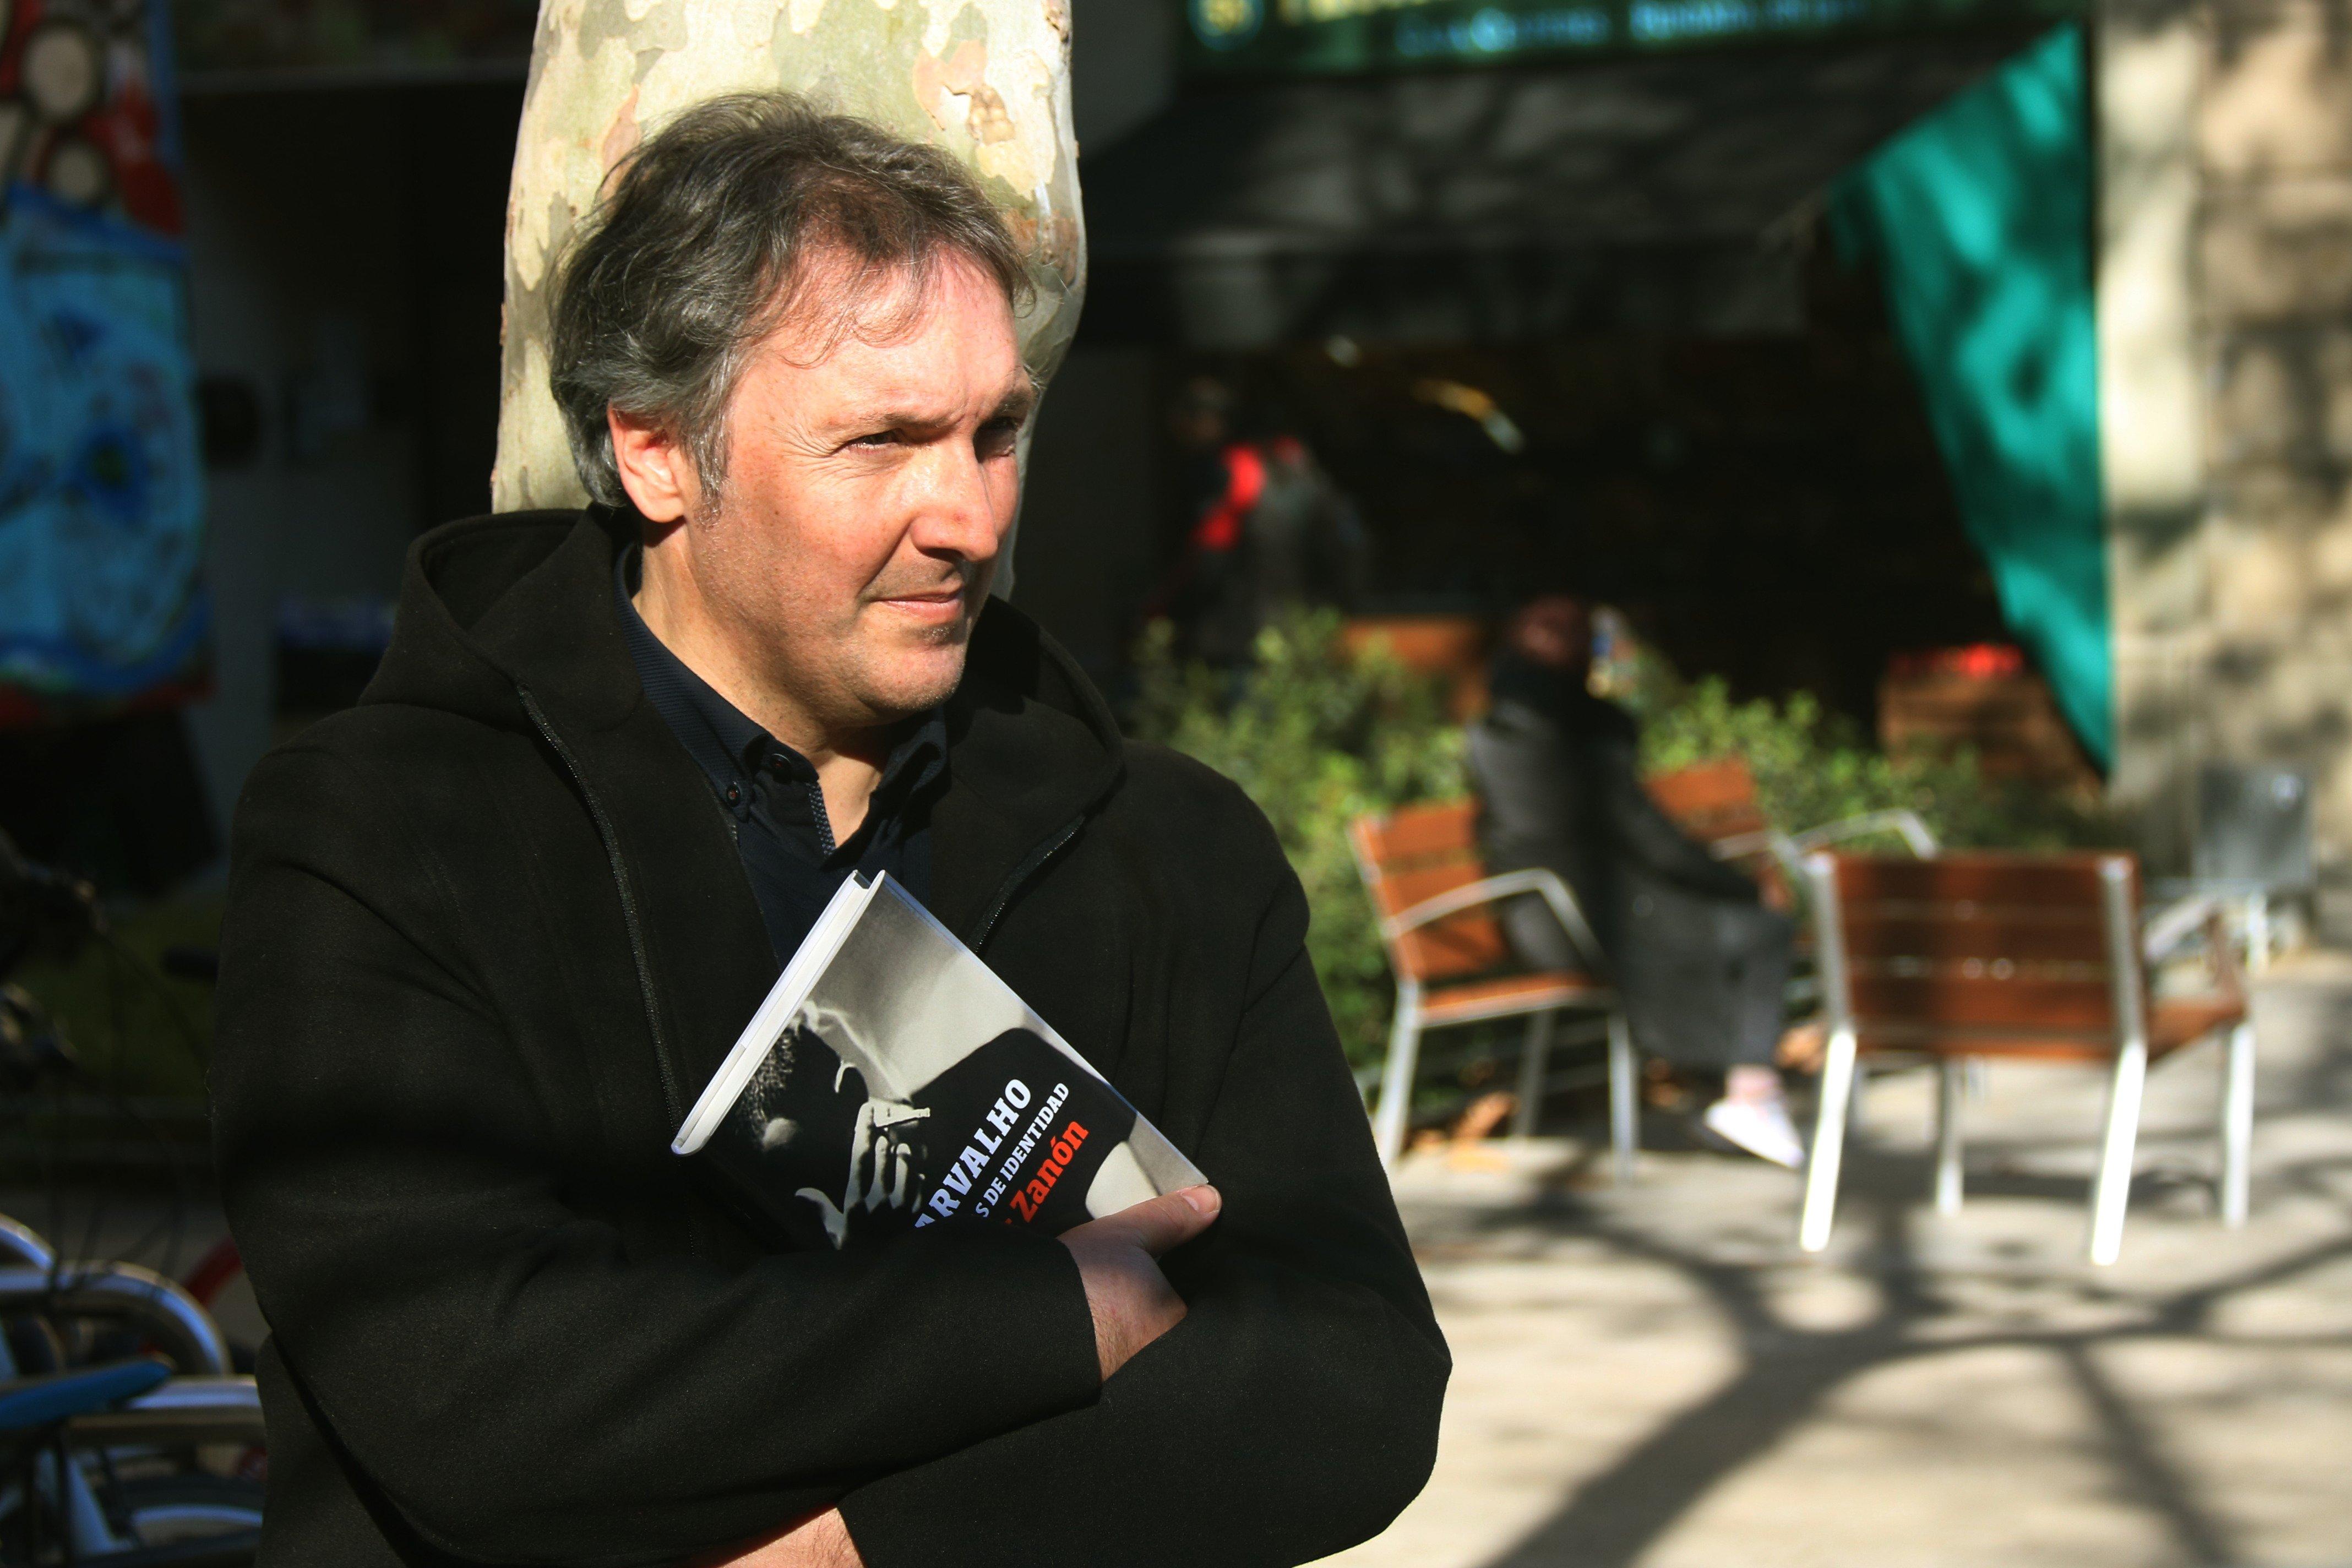 Carlos Zanon Carvalho  Vázquez Montalbán ACN